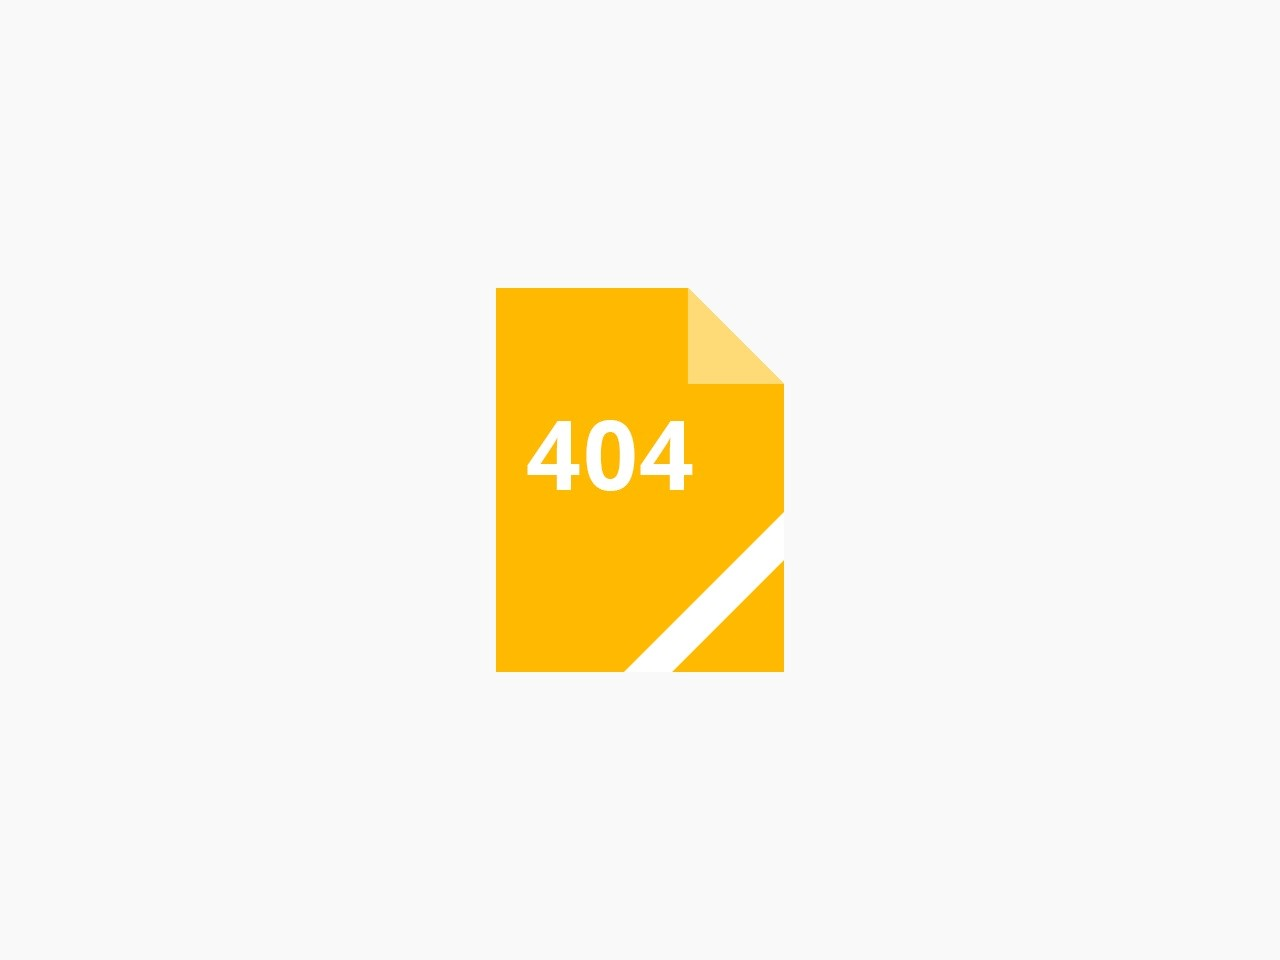 江戸川区で廃品・不要品を買取・回収し、資源としての有効活用でエコ社会をめざす | 株式会社 興正